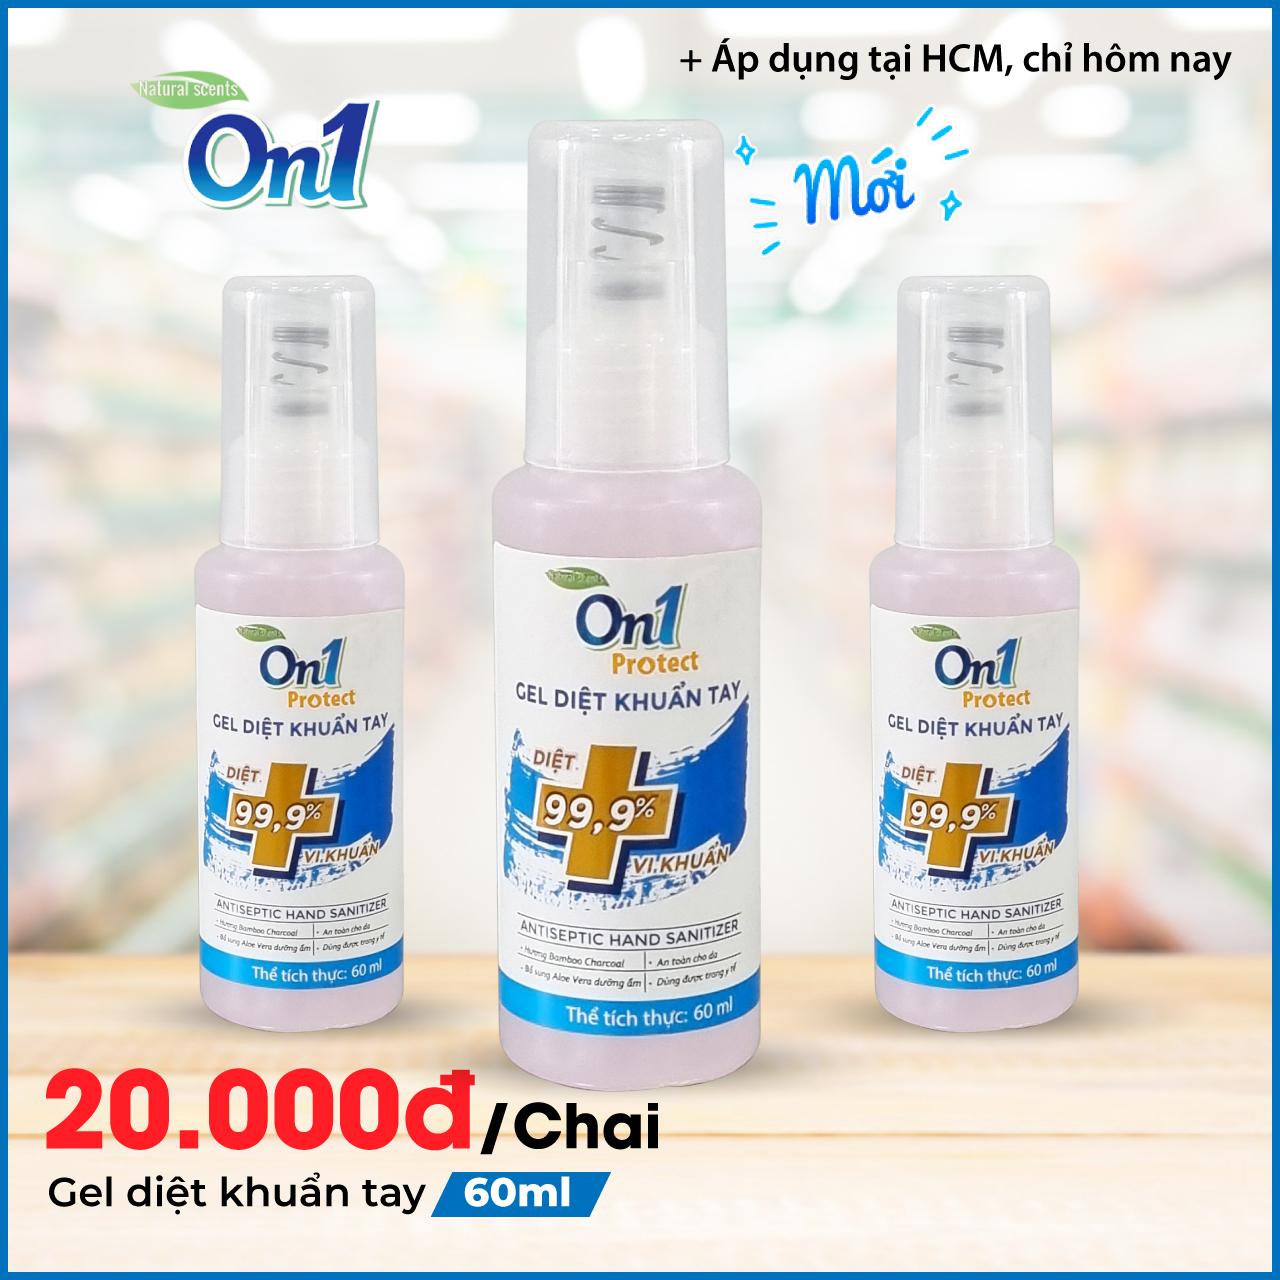 fb-on1-gel-diet-khuan-tay-60ml-4-12072021155457-710.jpg